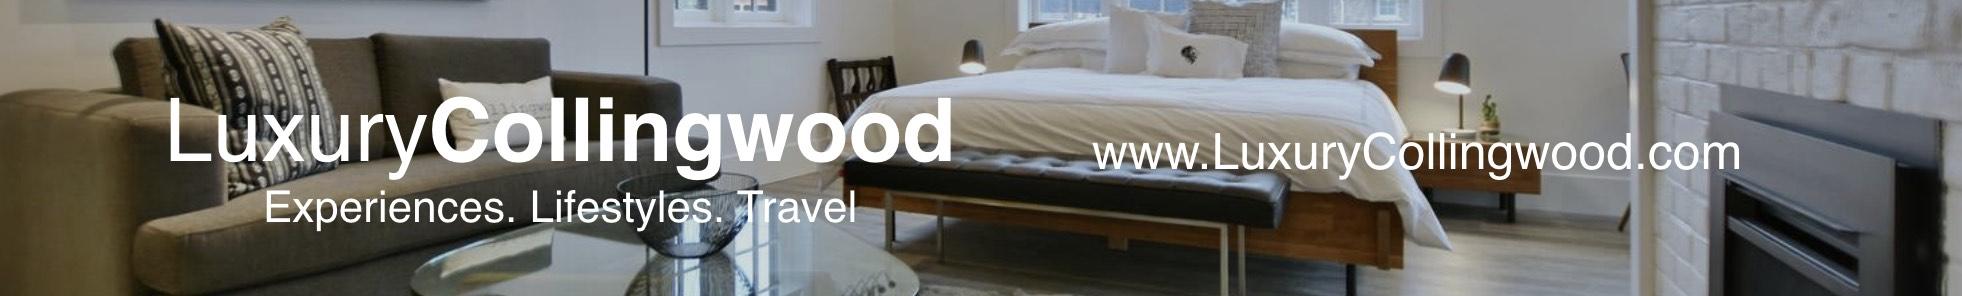 luxuryCollingwood Ad 04